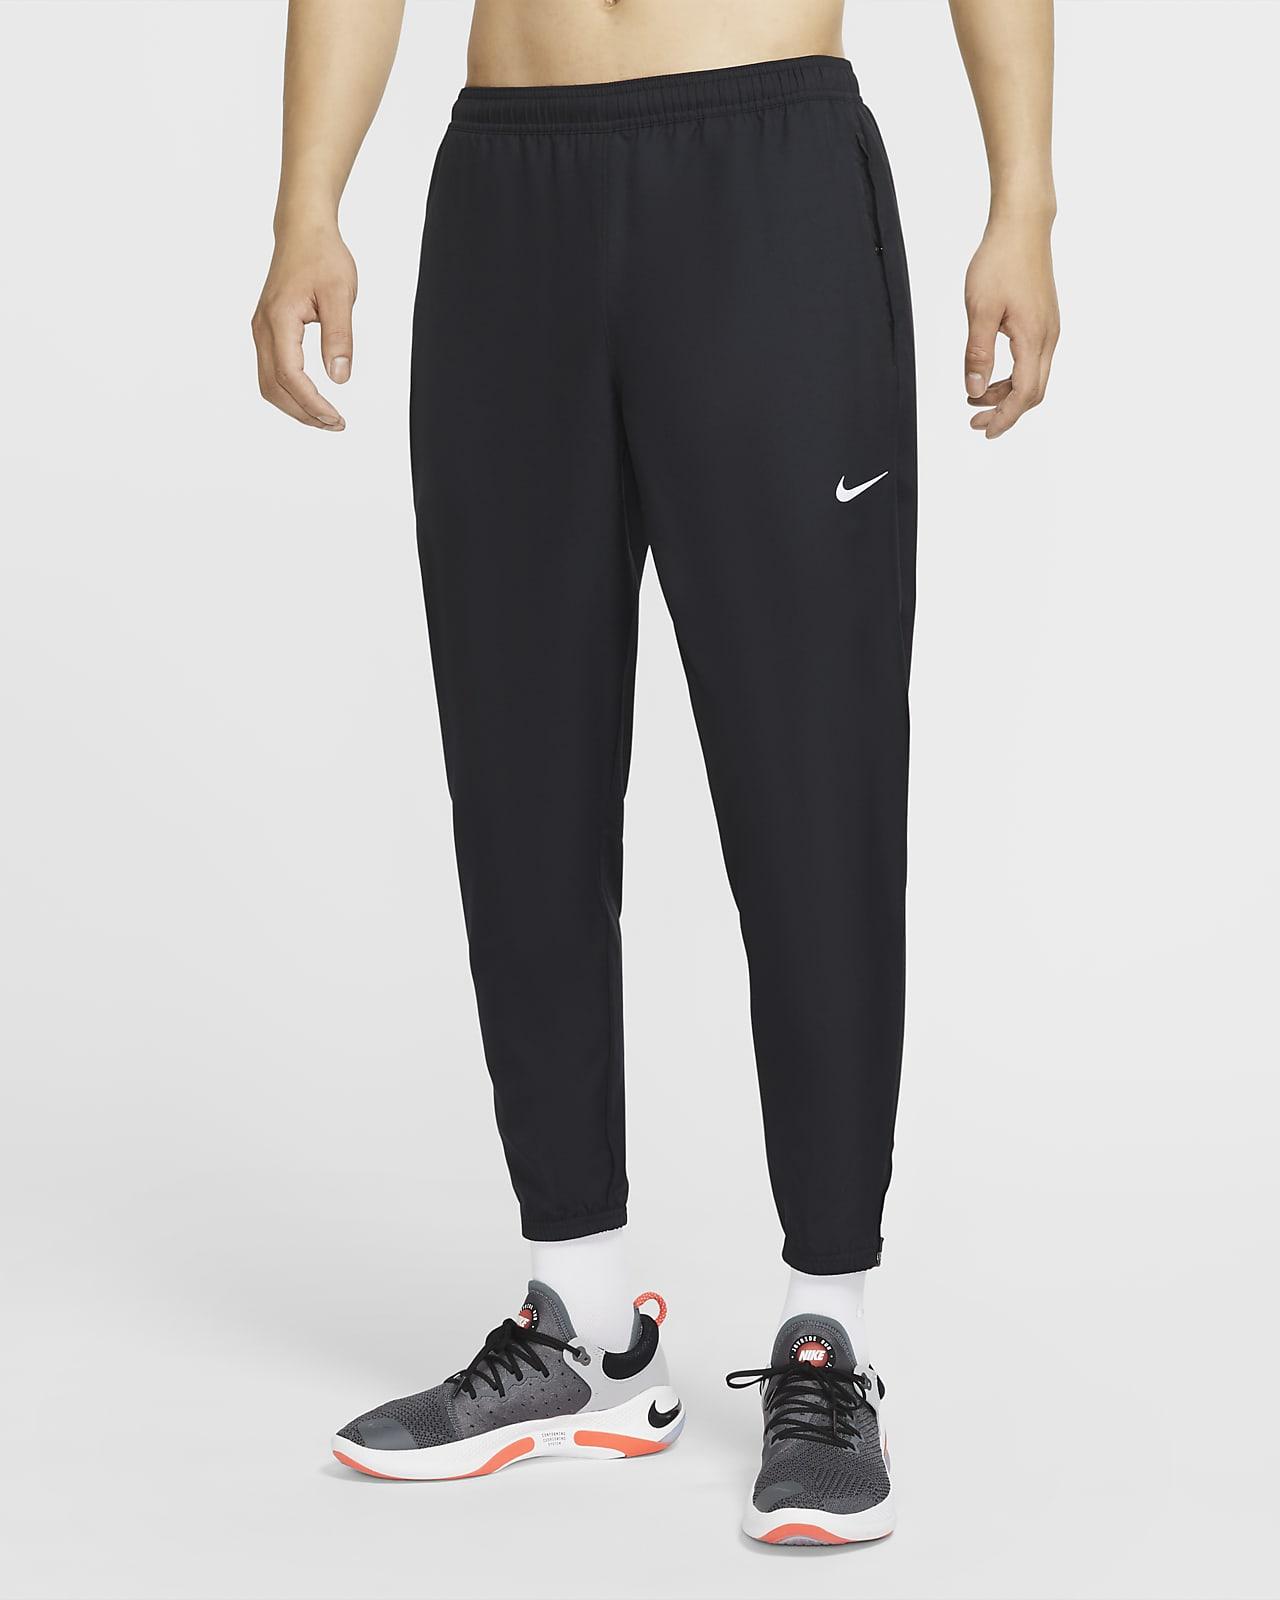 กางเกงวิ่งขายาวผู้ชายแบบทอ Nike Essential